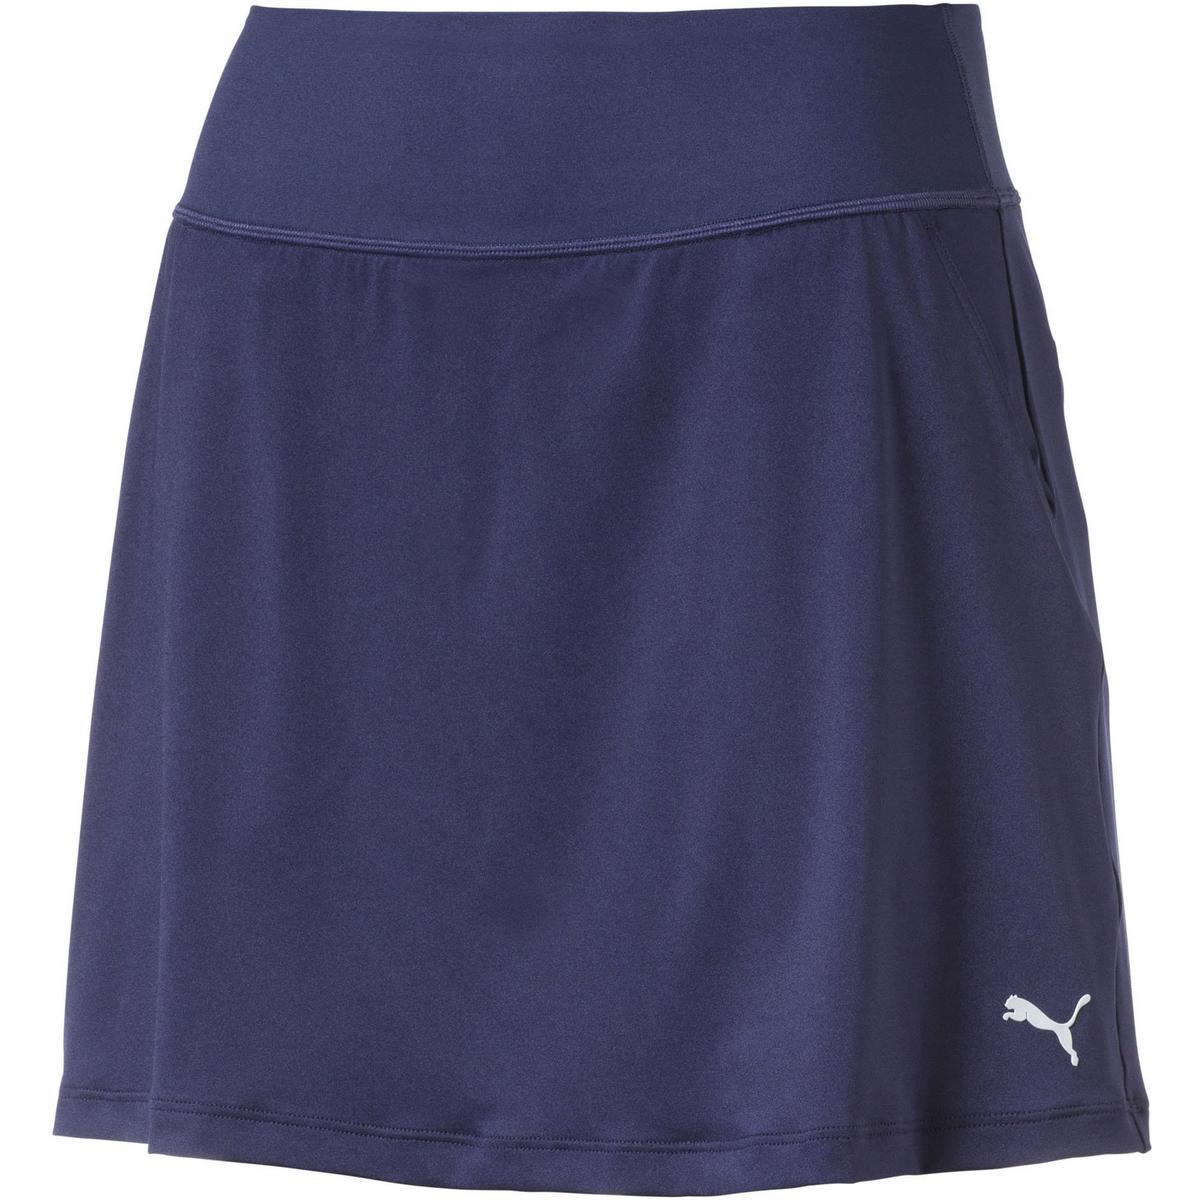 Womens Powershape Knit Skort   Golf Town Limited b1fa8adf0f7b